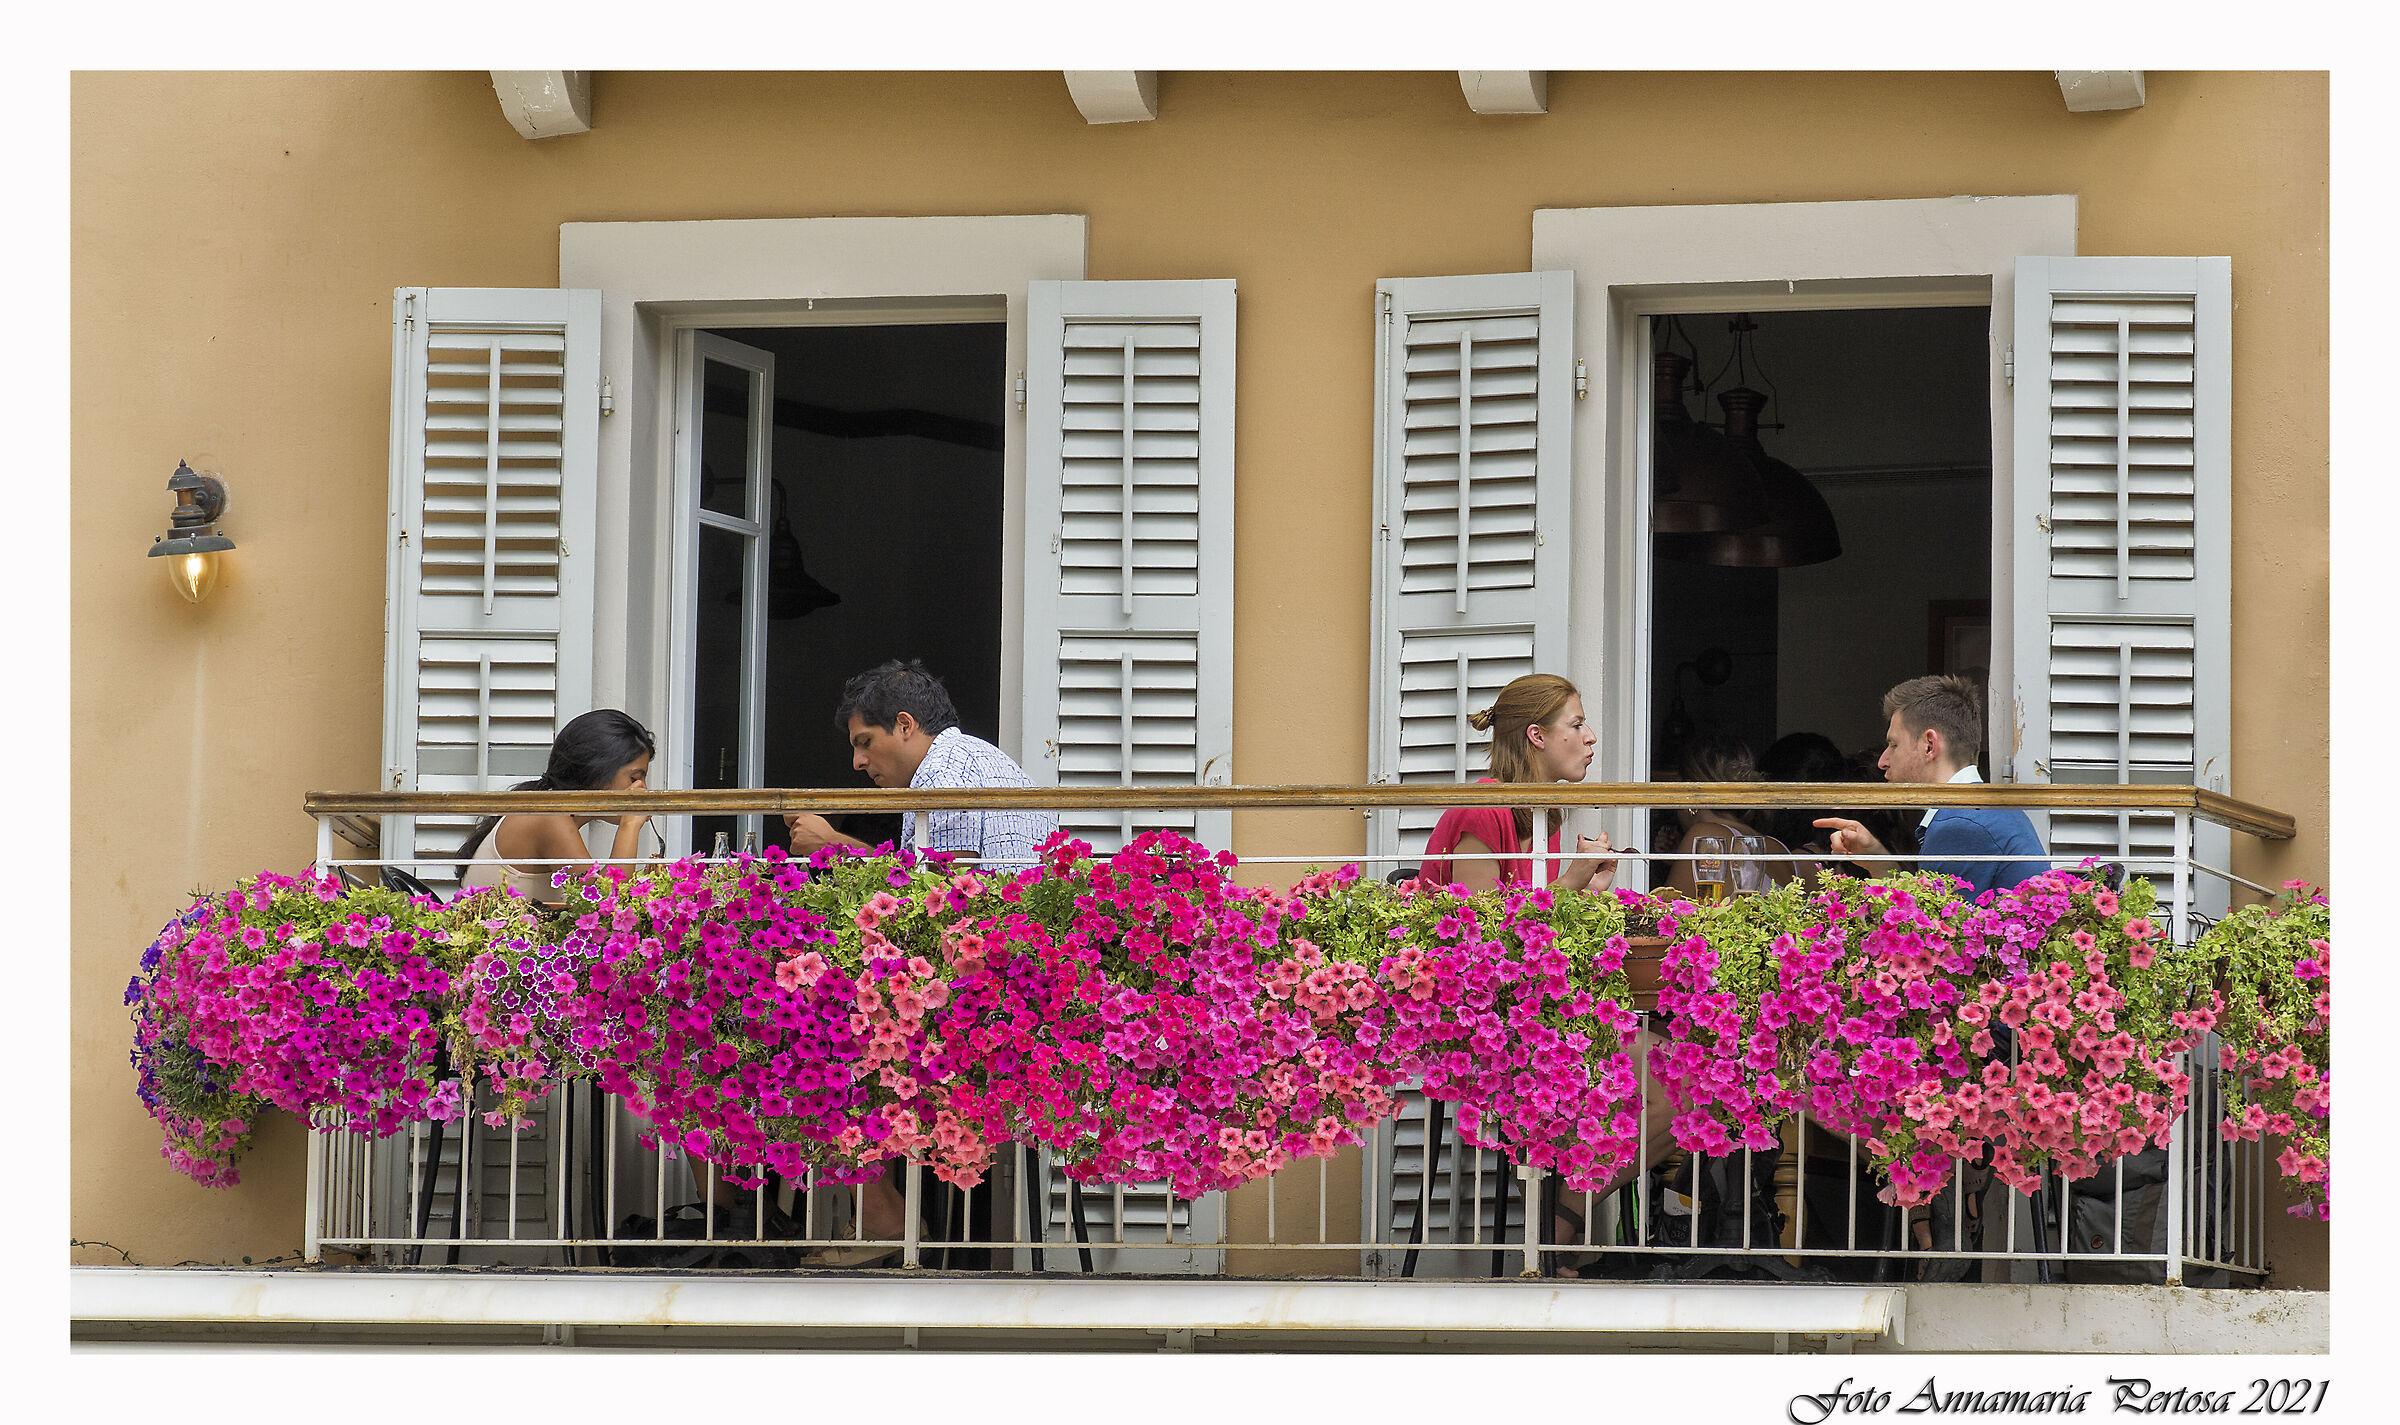 Among the flowers of Corfu...